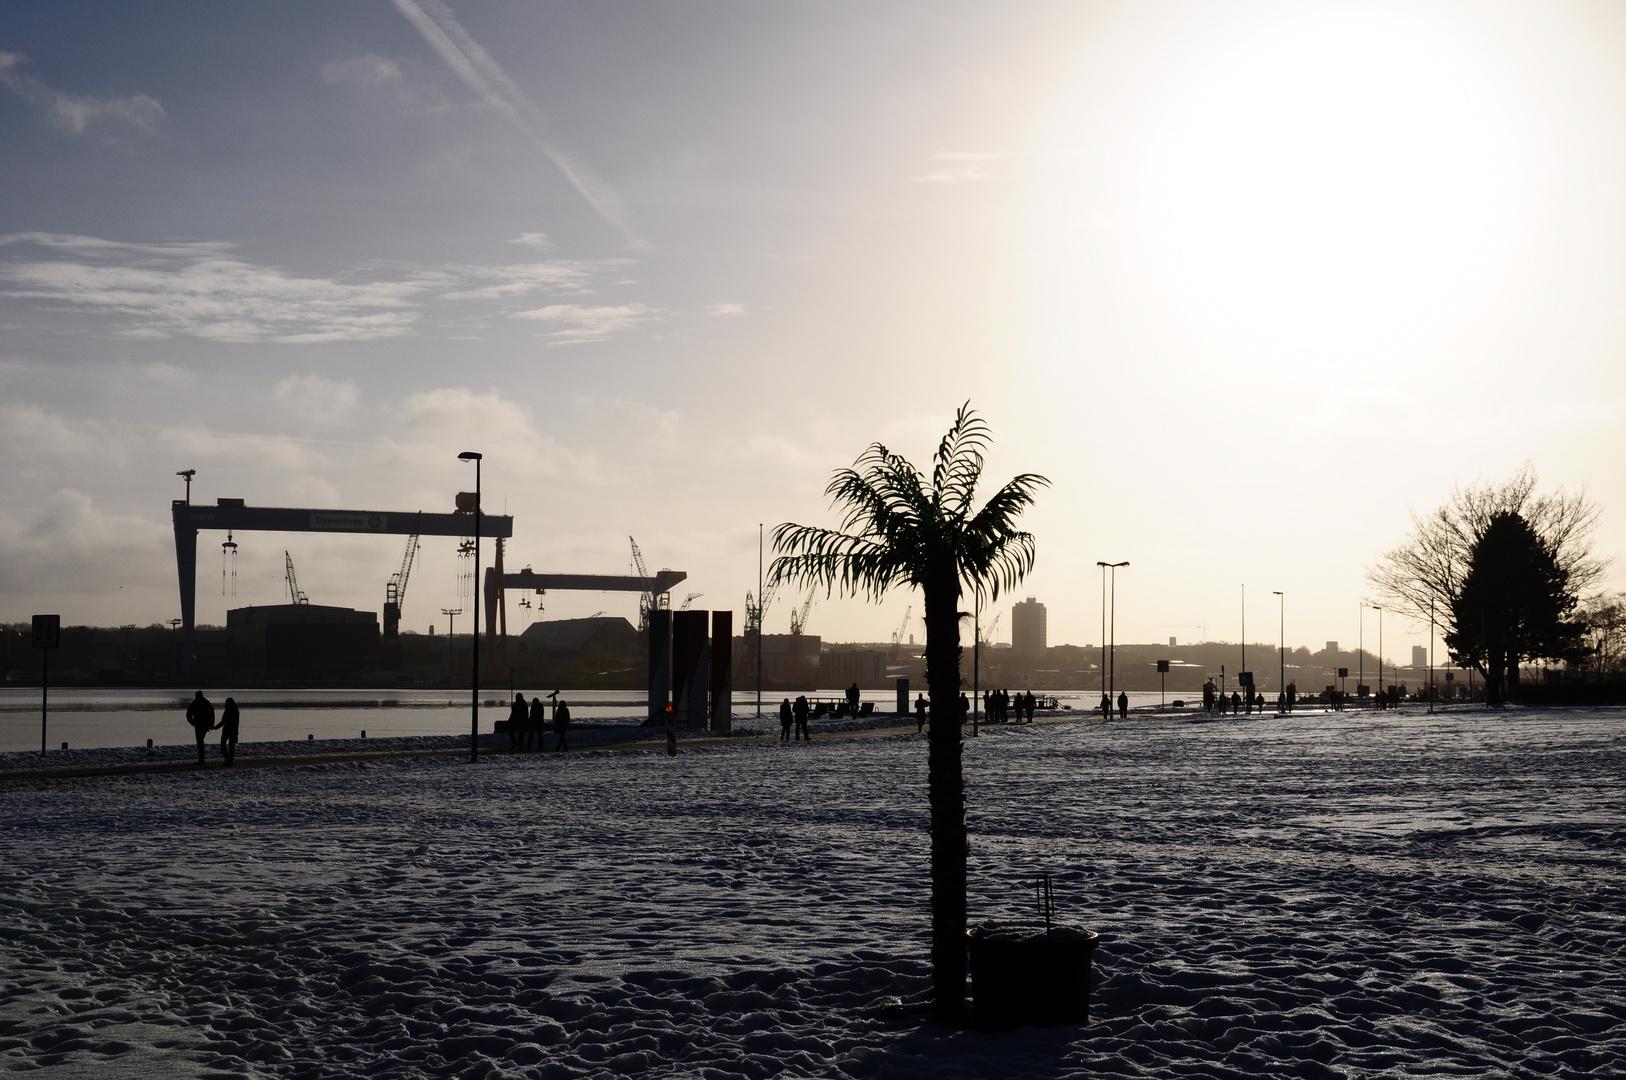 Sonne, eine Palme und viel Schnee.....was ist hier falsch?